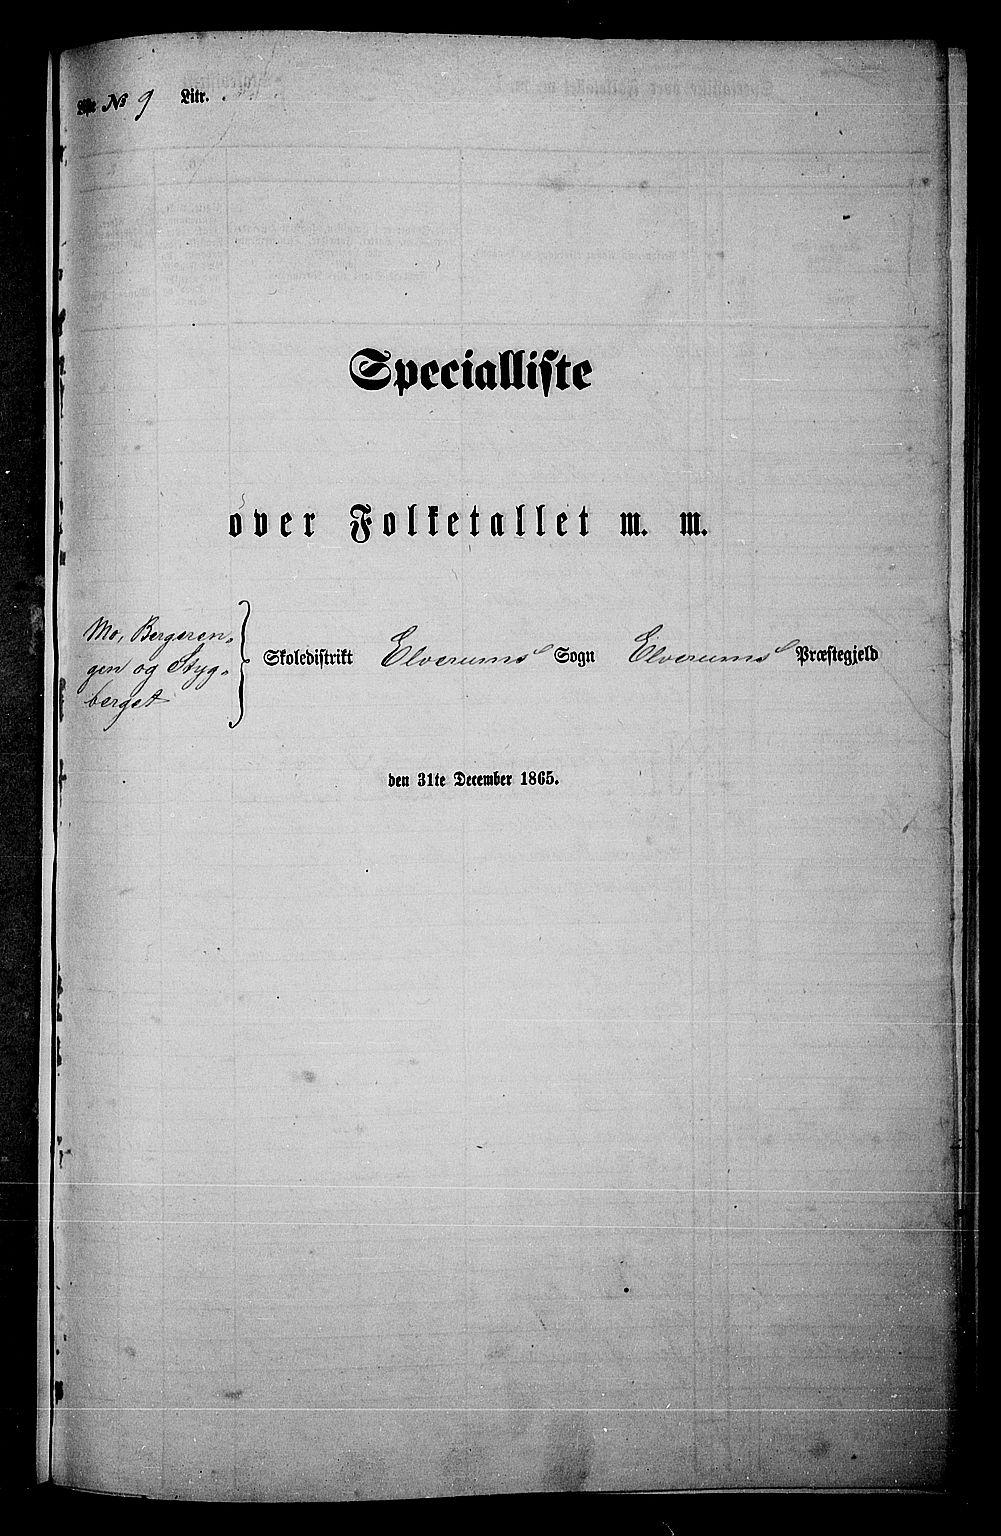 RA, Folketelling 1865 for 0427P Elverum prestegjeld, 1865, s. 204